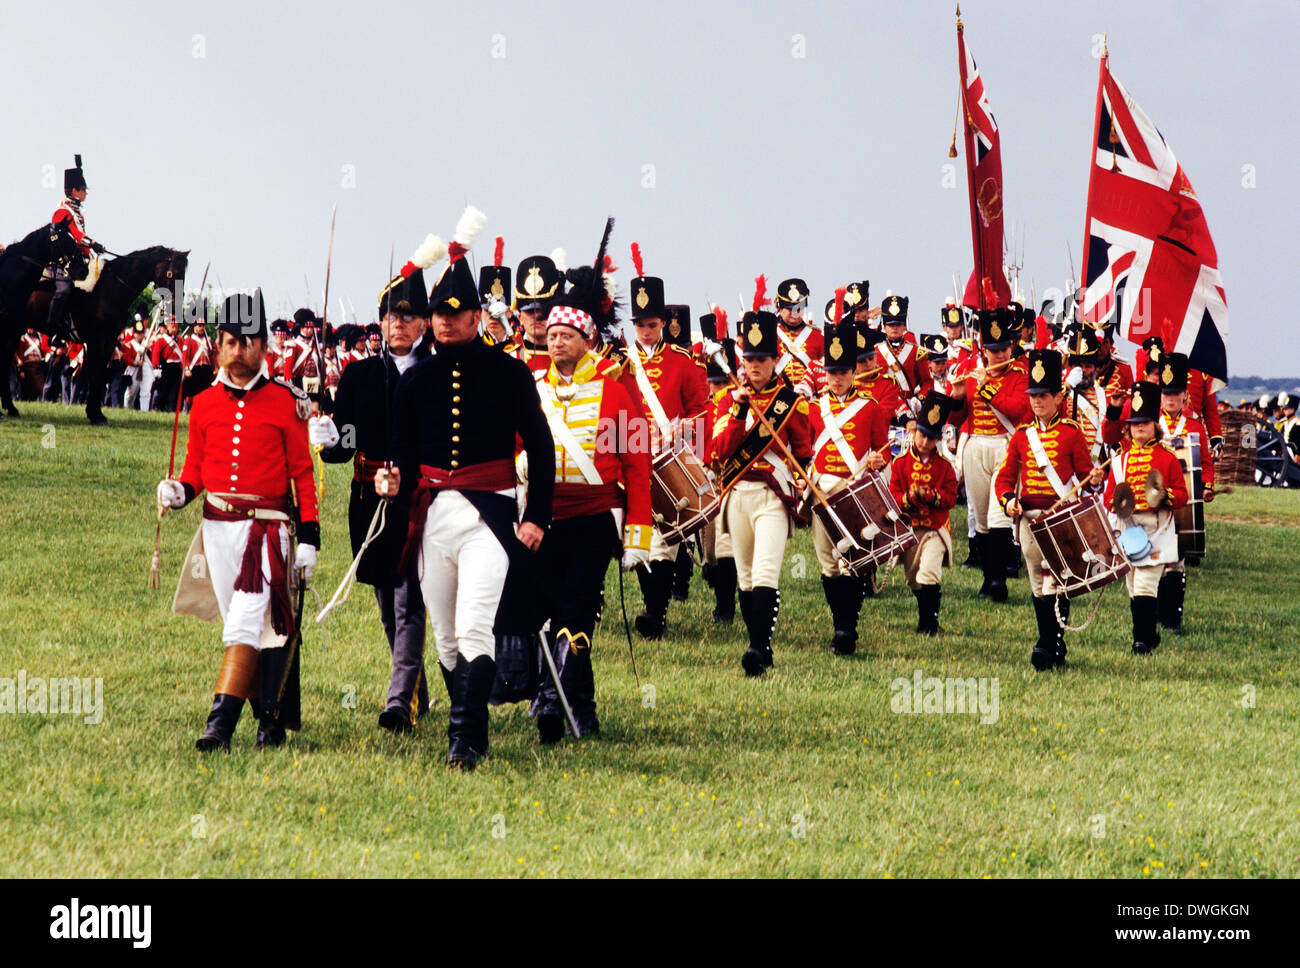 Regimiento británico en el momento de la batalla de Waterloo 1815, desfiles de soldados de a pie, la Union Jack Flag, Reconstrucción Histogacuterica soldado uniformes uniforme del ejército de Inglaterra Imagen De Stock